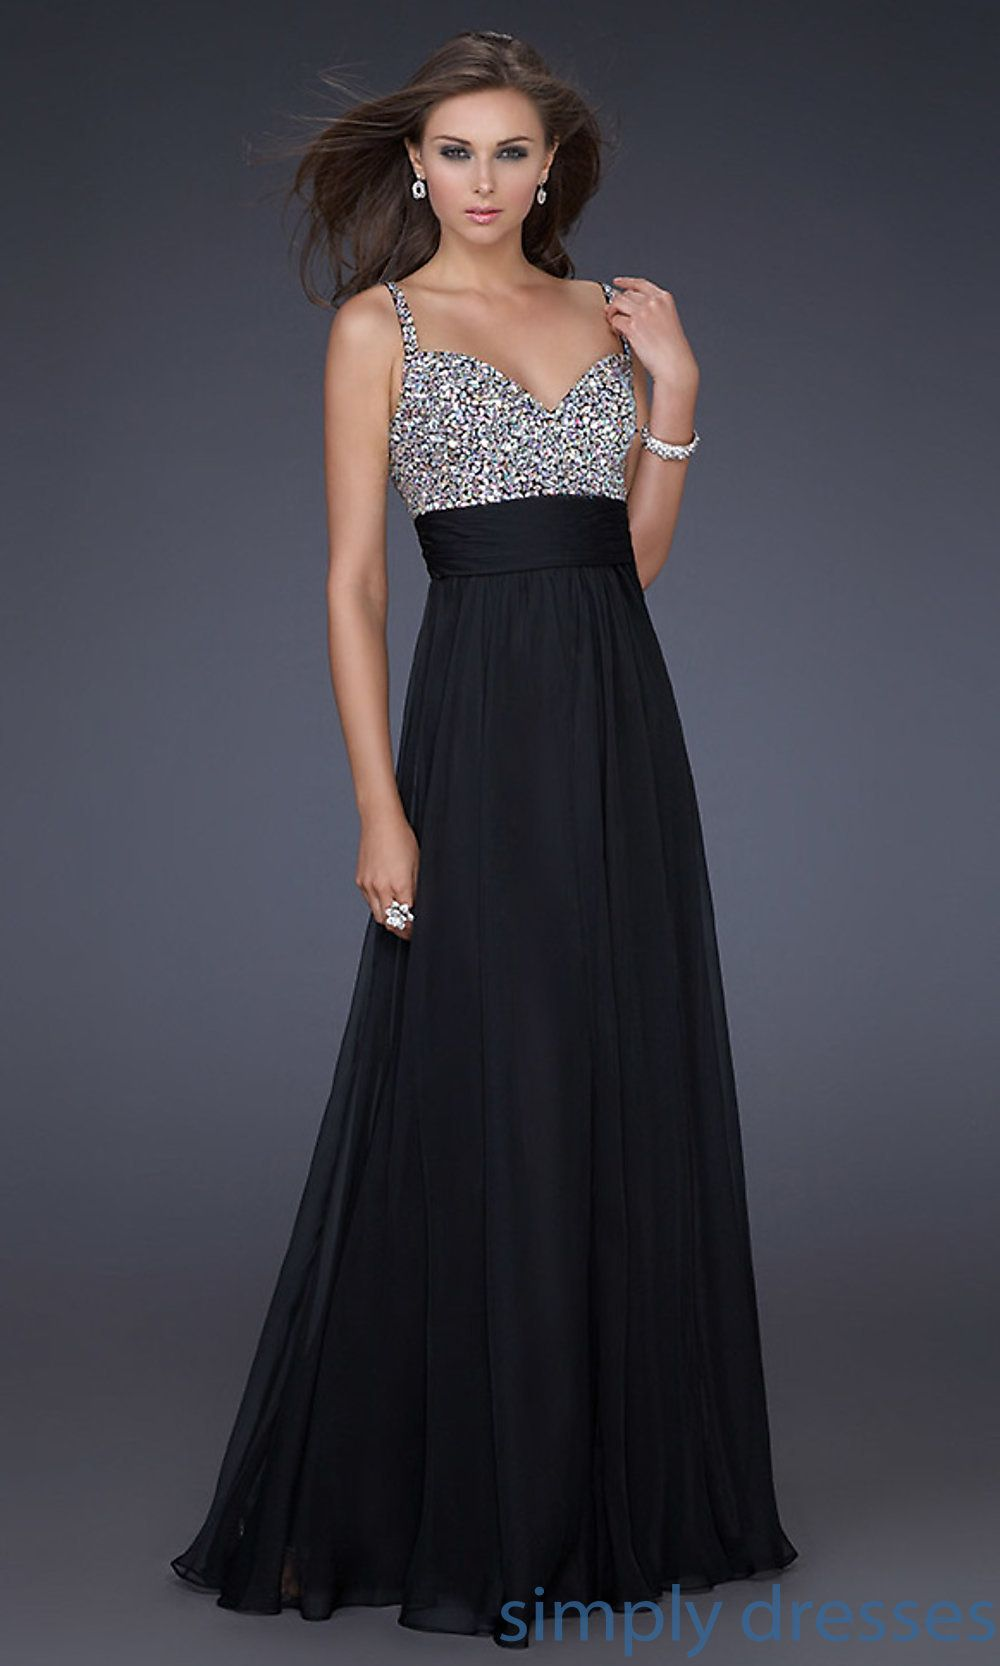 Black dress long formal - Lf 16802 La Femme Beaded Long Formal Dress